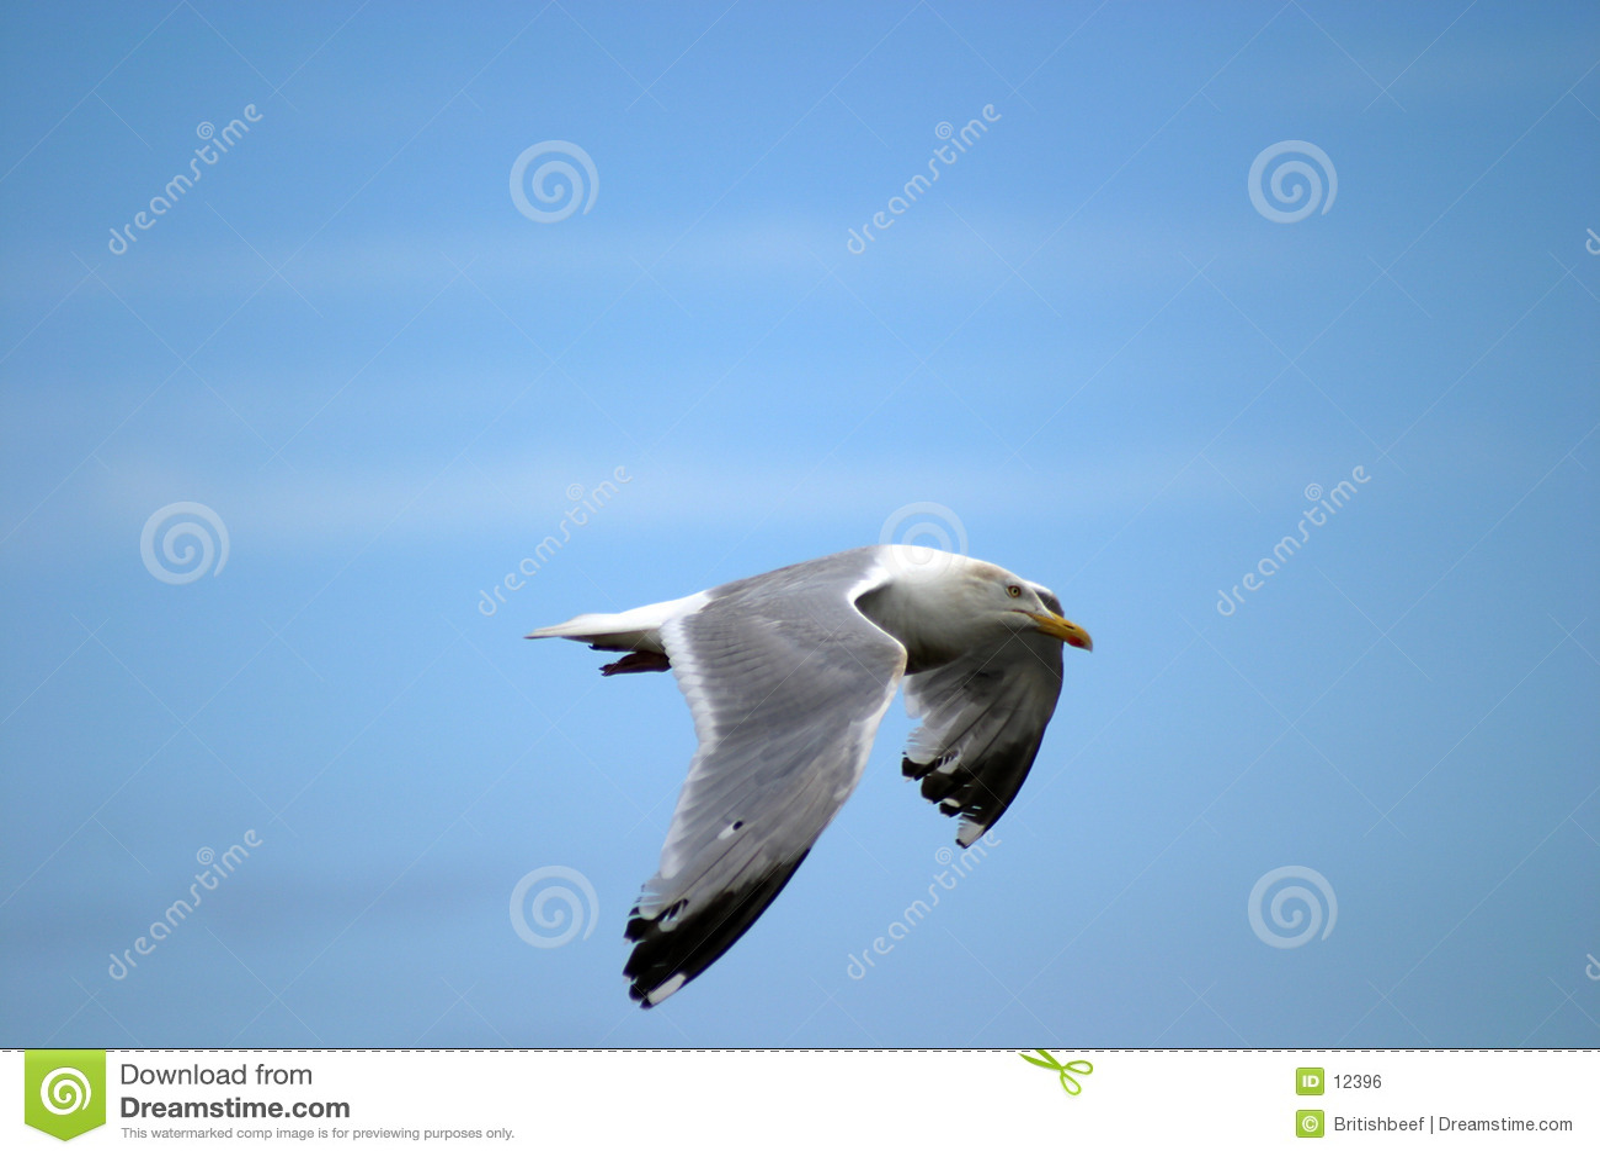 Seemöwe im Flug